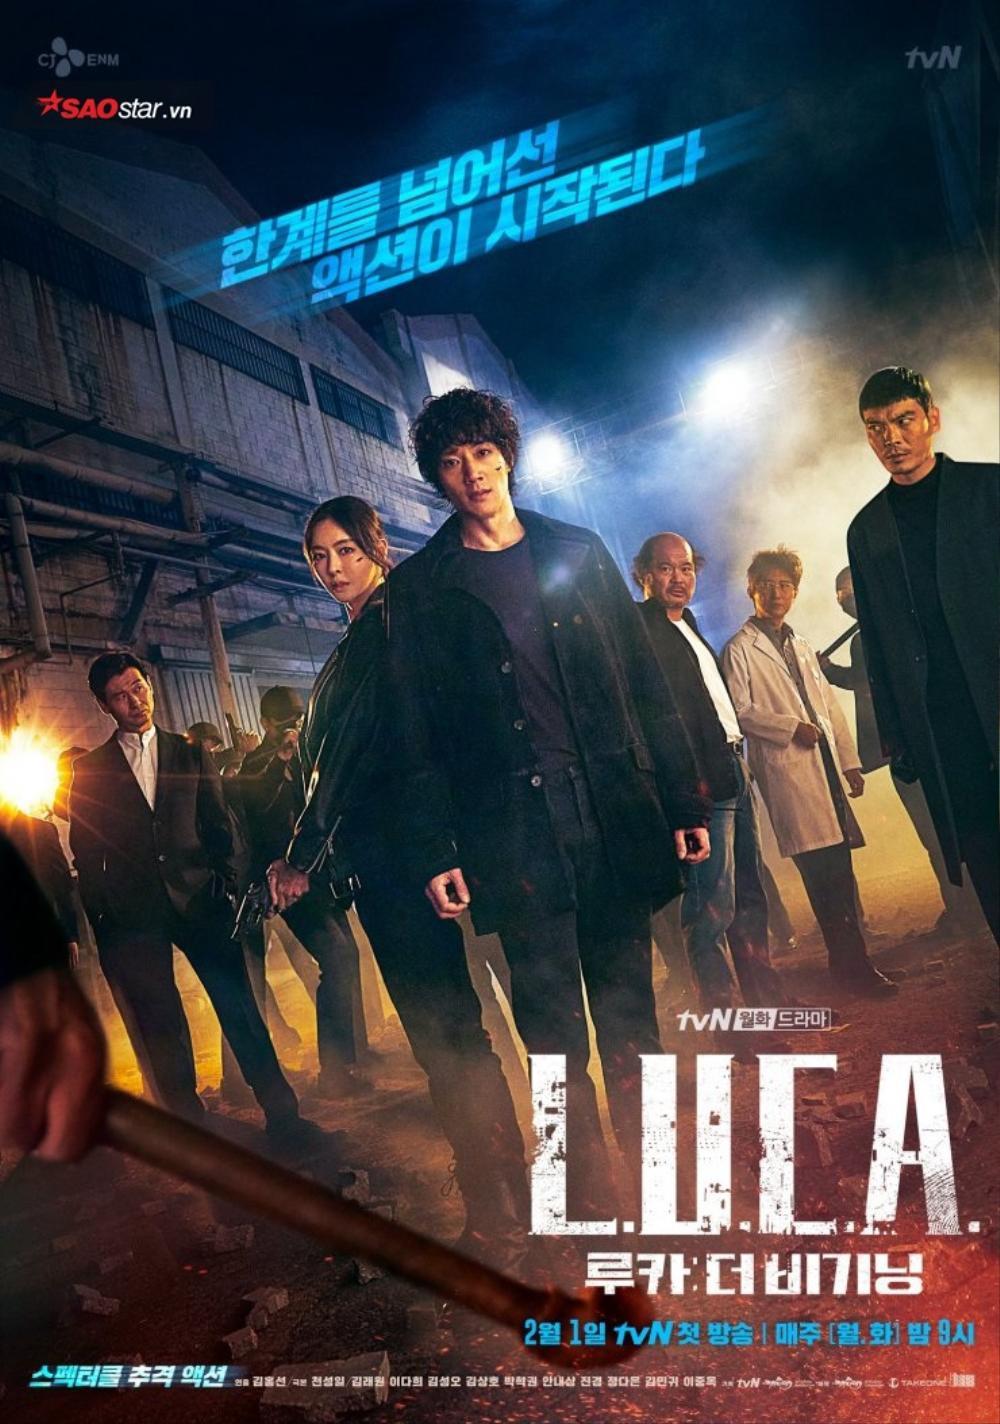 Phim Hàn Quốc đầu tháng 02: Màn đối đầu cực căng giữa Park Shin Hye và Kim So Hyun Ảnh 3